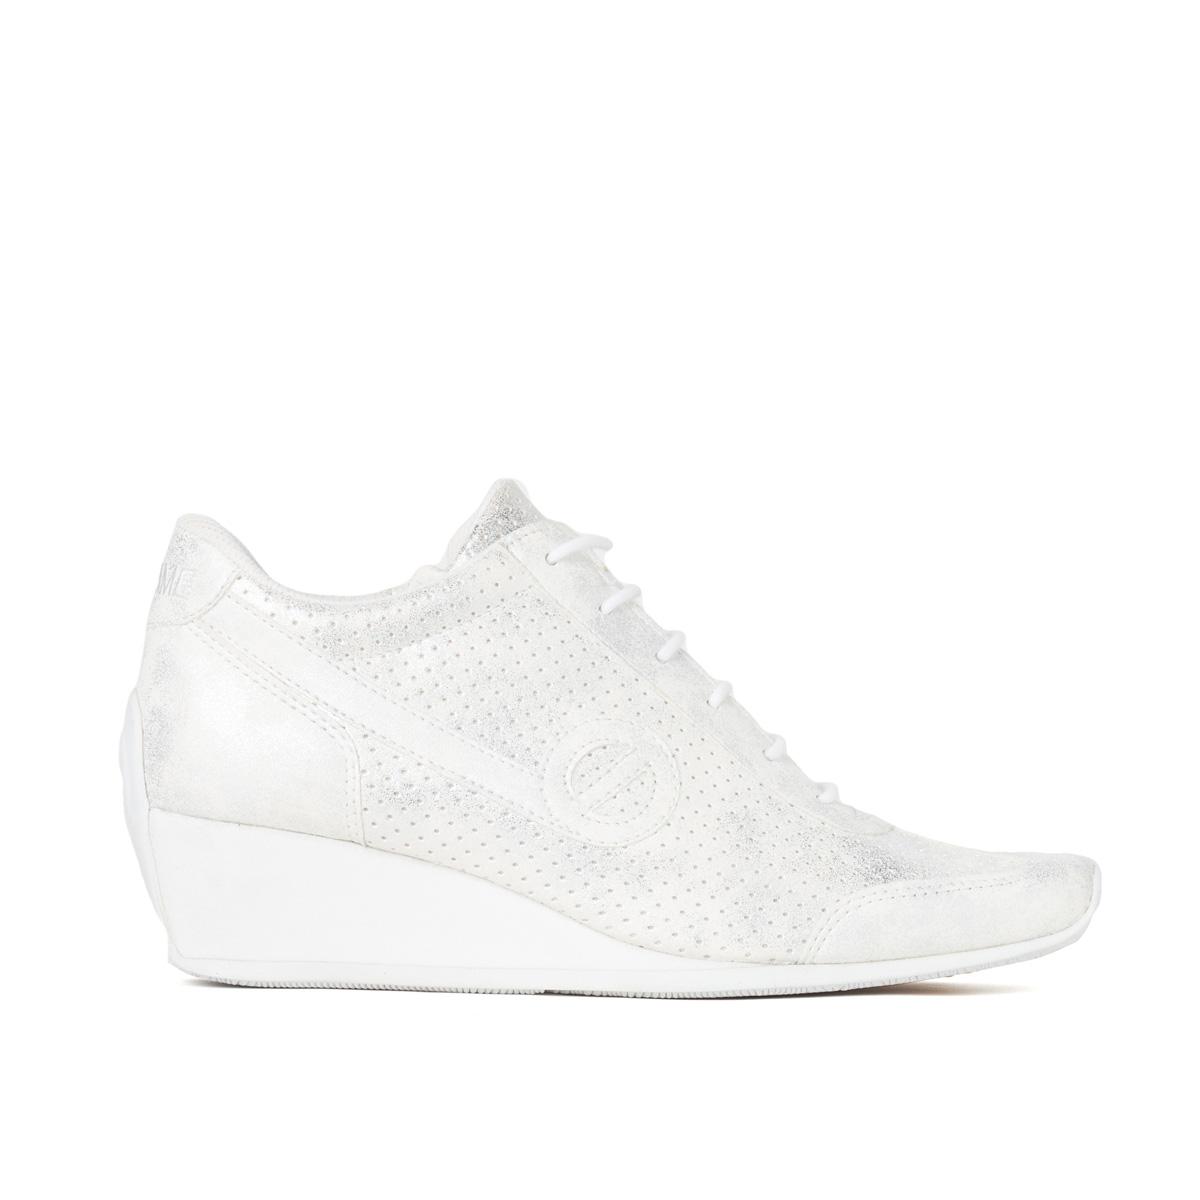 YOKO-11939-WHITE ヨーコ ホワイト